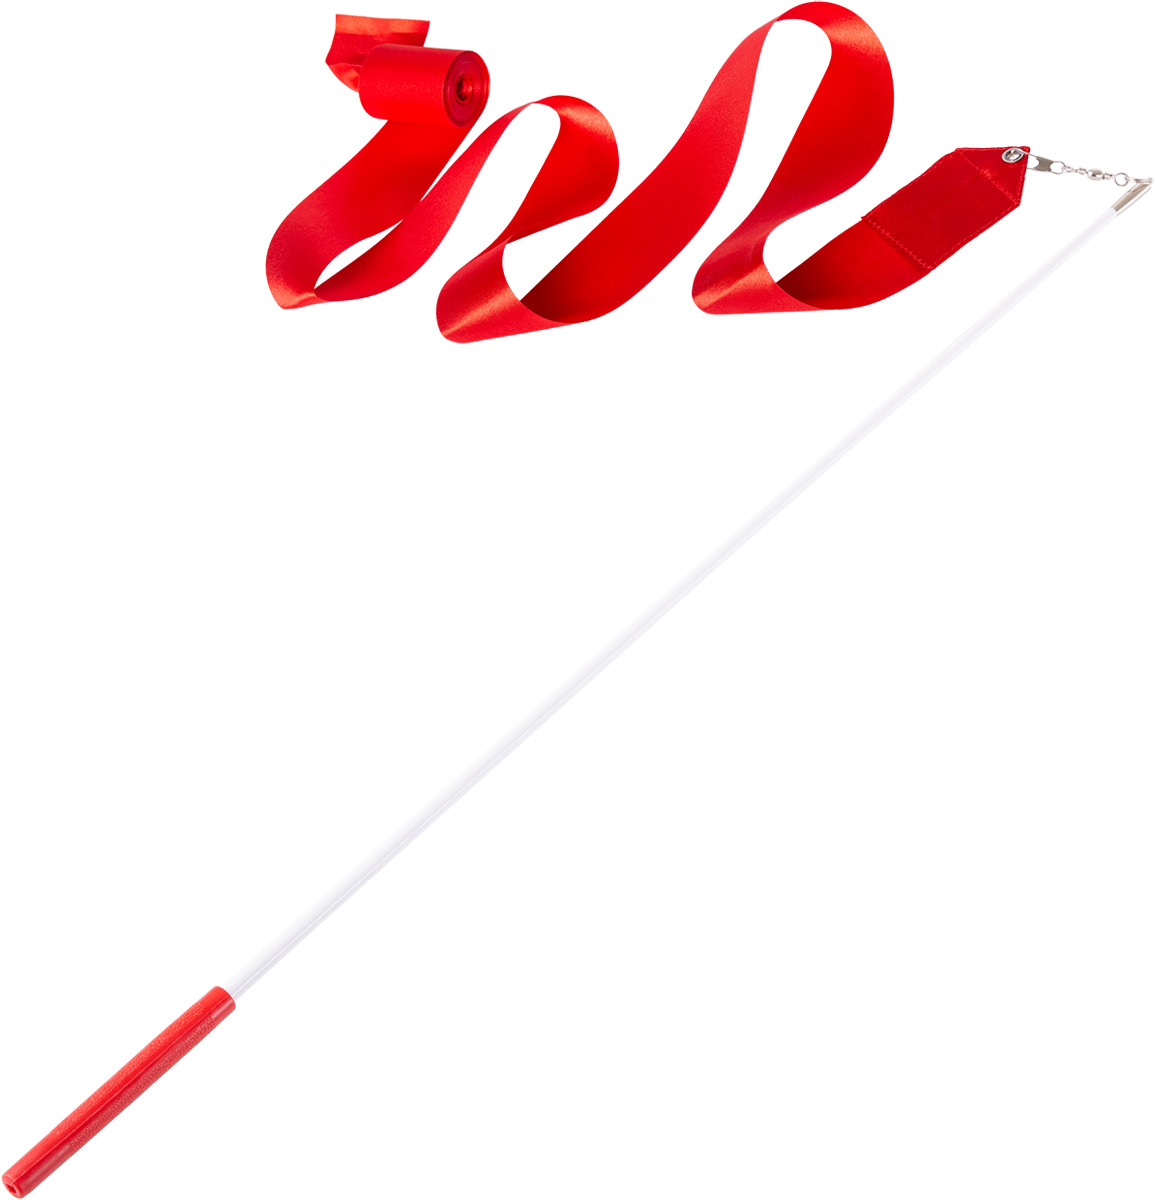 Лента для художественной гимнастики Amely AGR-201, длина 4 м, с палочкой 46 см, цвет: красный мяч для художественной гимнастики amely agr 101 диаметр 15 см цвет красный